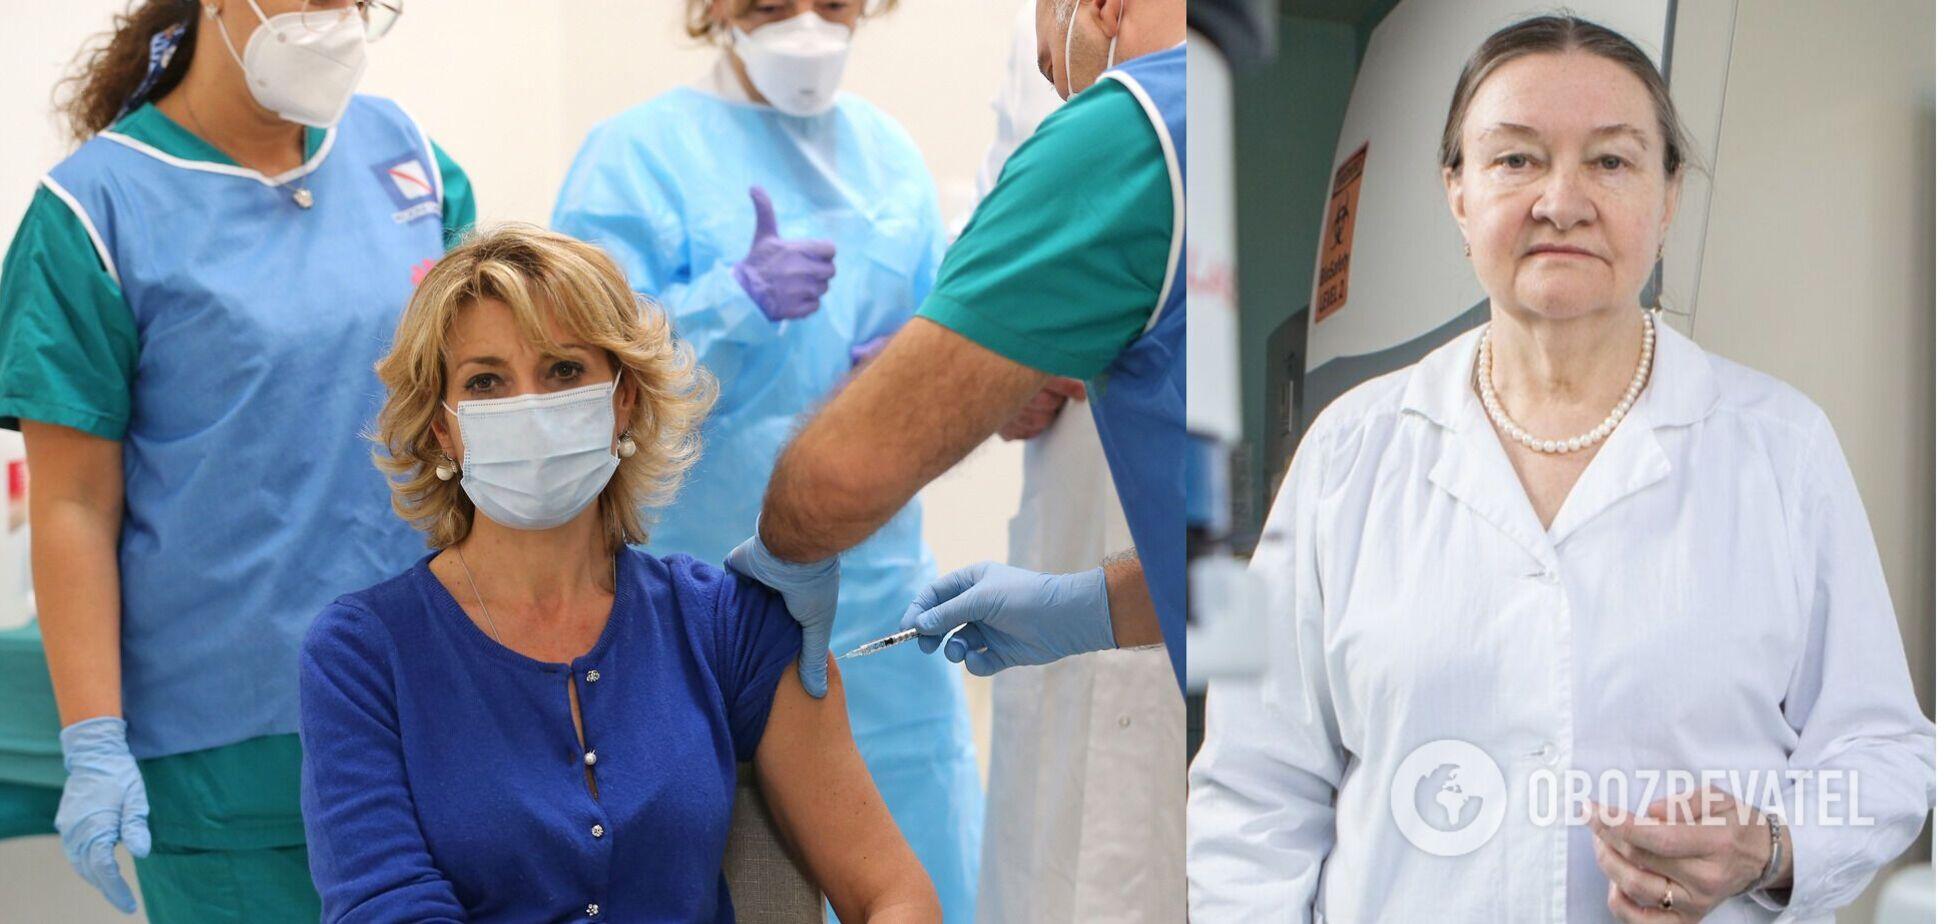 Третья доза прививки от COVID-19: профессор оценила целесообразность